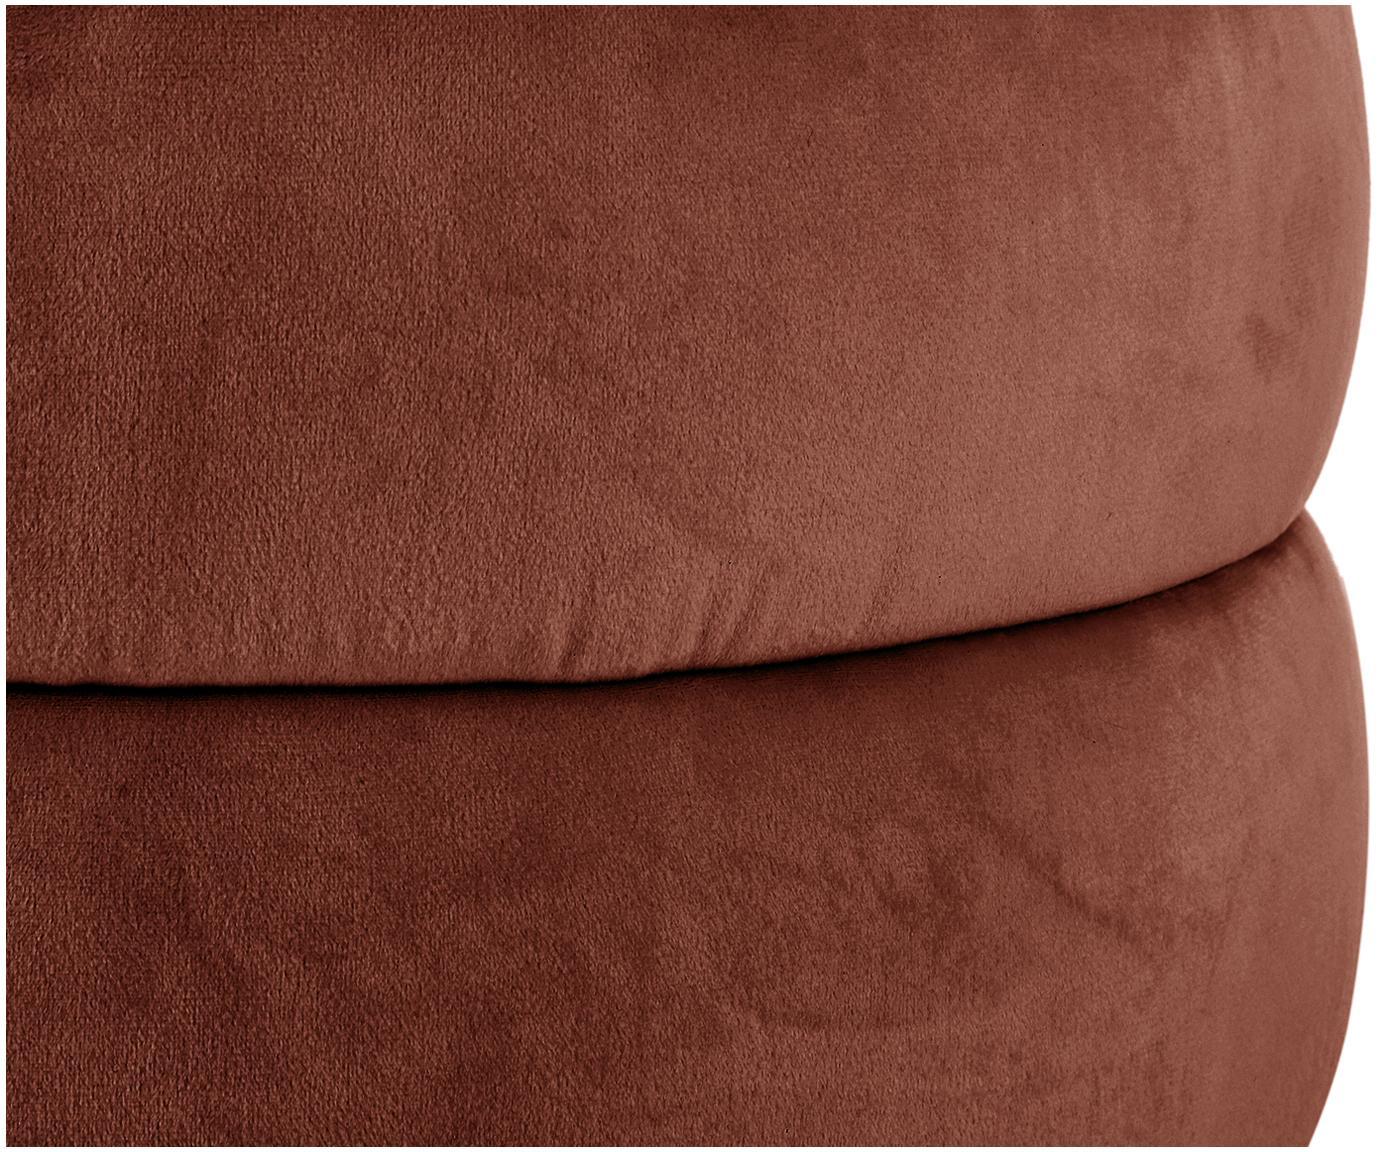 Puf z aksamitu Alto, Tapicerka: aksamit (poliester) 3000, Stelaż: lite drewno sosnowe, skle, Brązowy, Ø 42 x W 48 cm